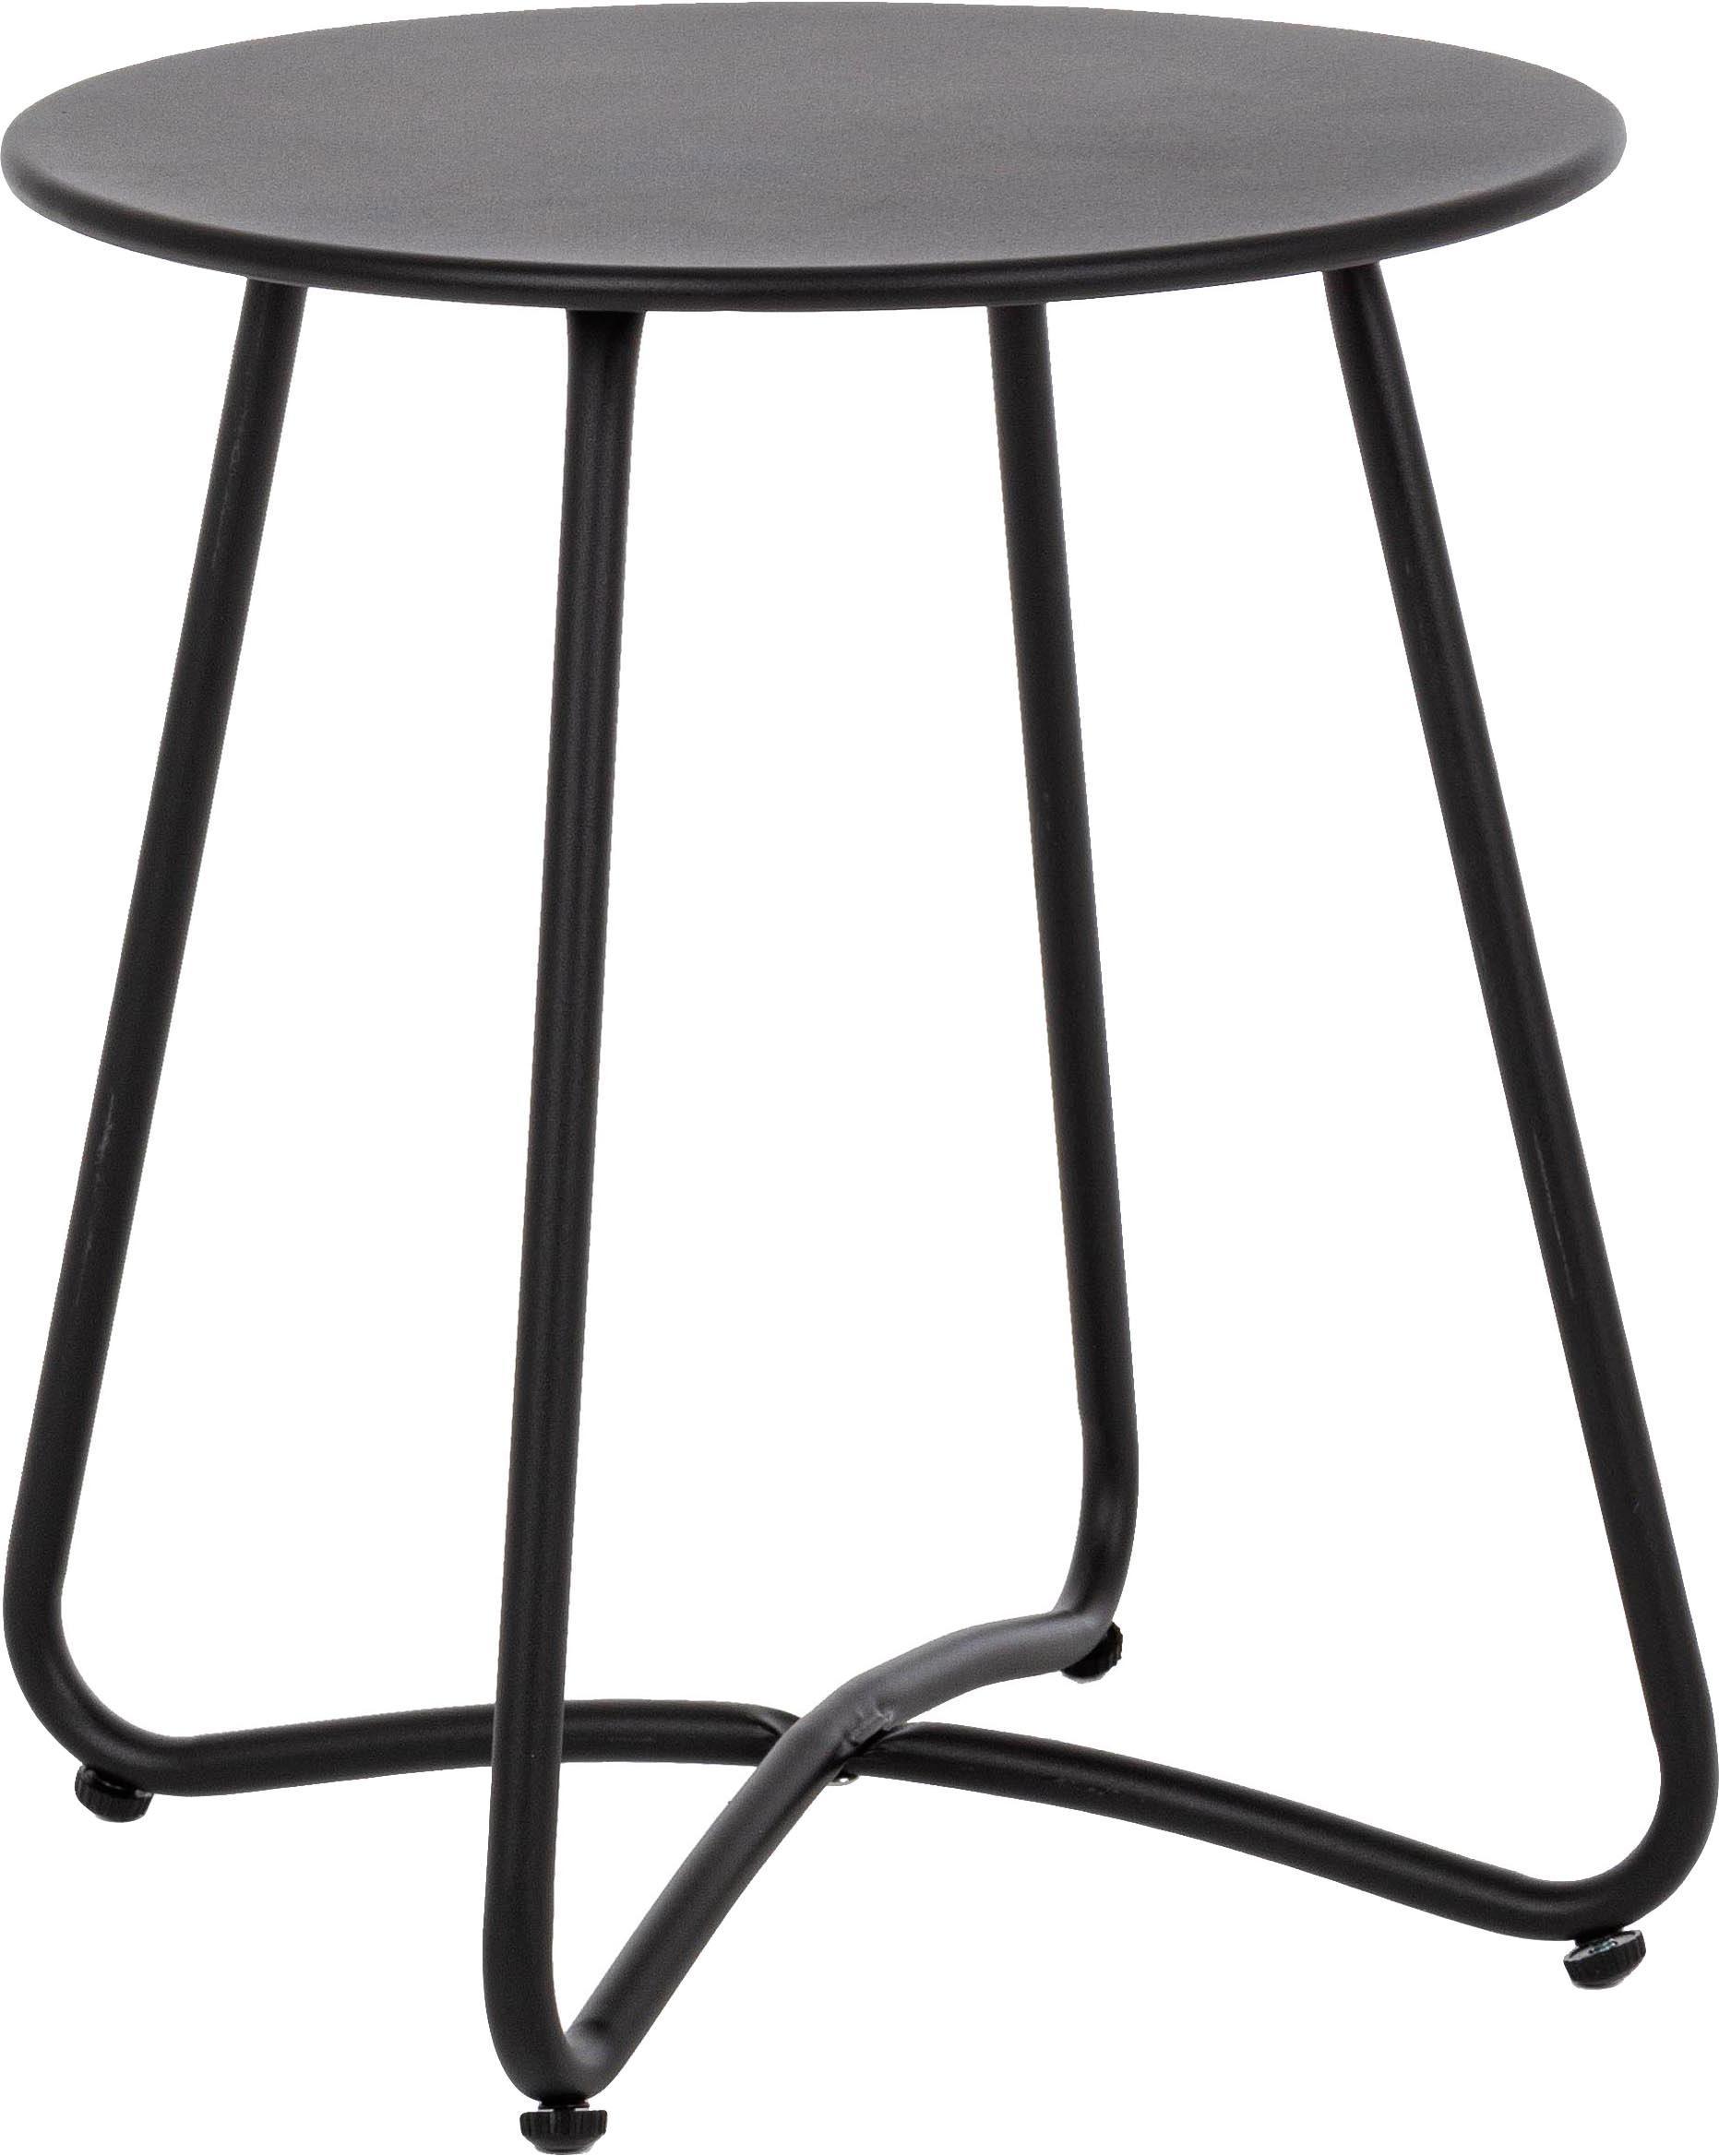 Bijzettafel Wissant, Gepoedercoat staal, Zwart, Ø 40 x H 45 cm